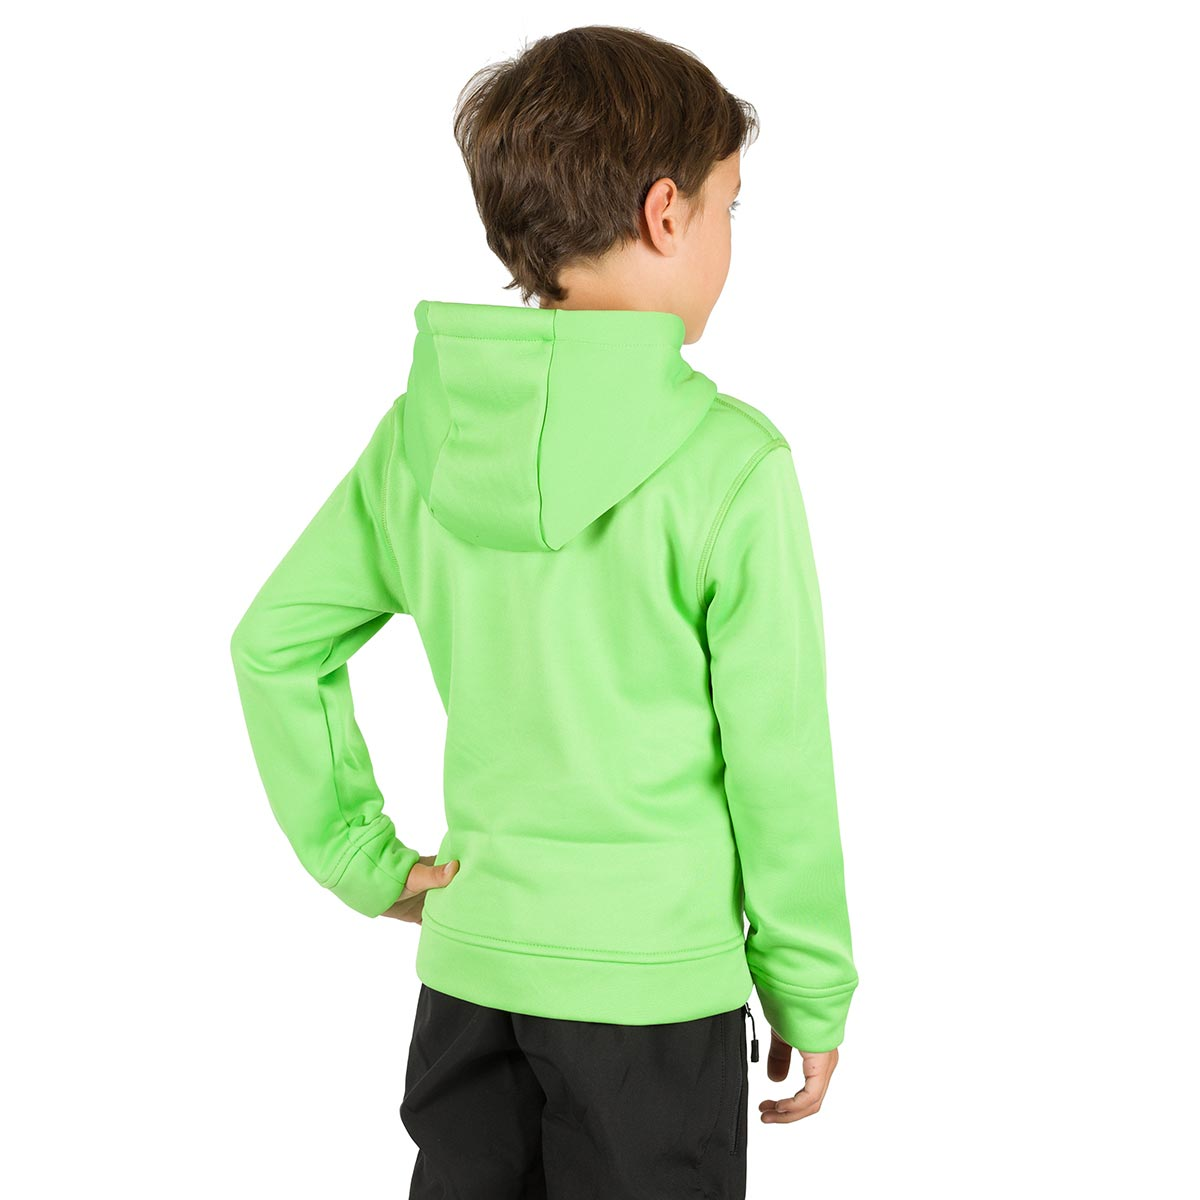 DUERO KIDS HOODED PULLOVER GREEN